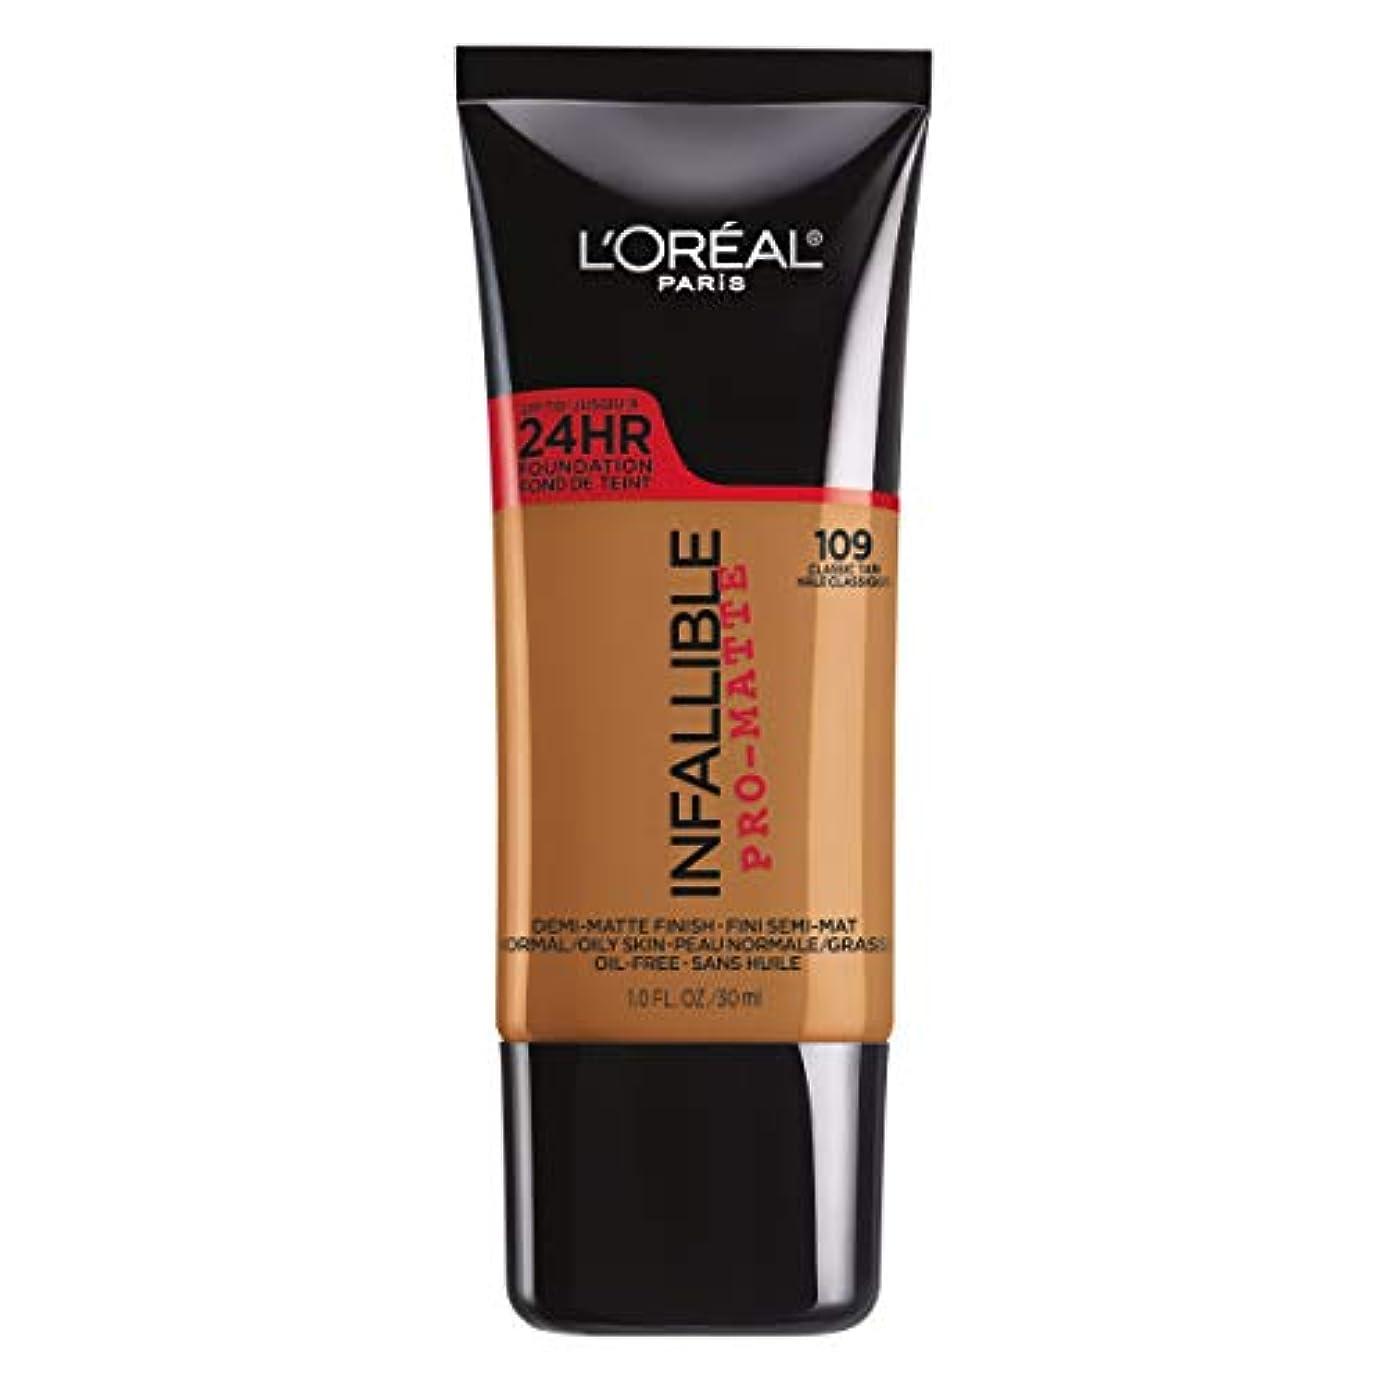 告白引き受ける調和L'Oreal Paris Infallible Pro-Matte Foundation Makeup, 109 Classic Tan, 1 fl. oz[並行輸入品]